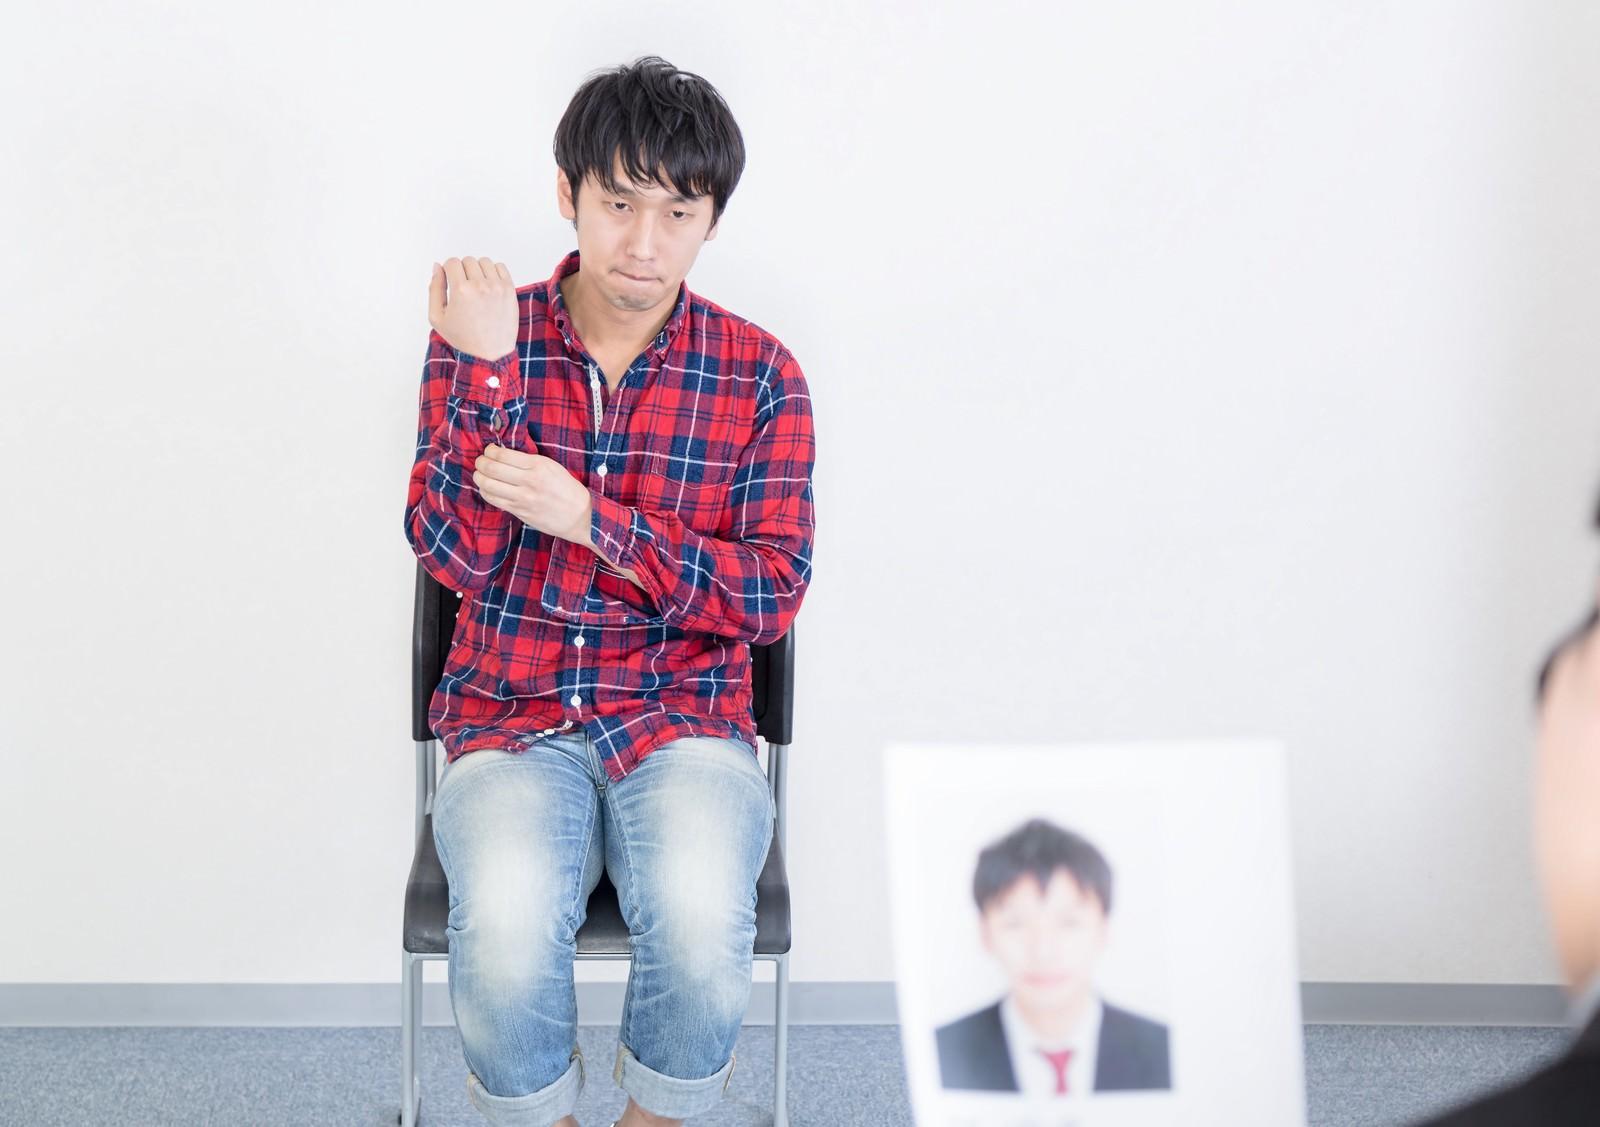 「【こ】コンポジと本人が違いすぎる 」の写真[モデル:大川竜弥]